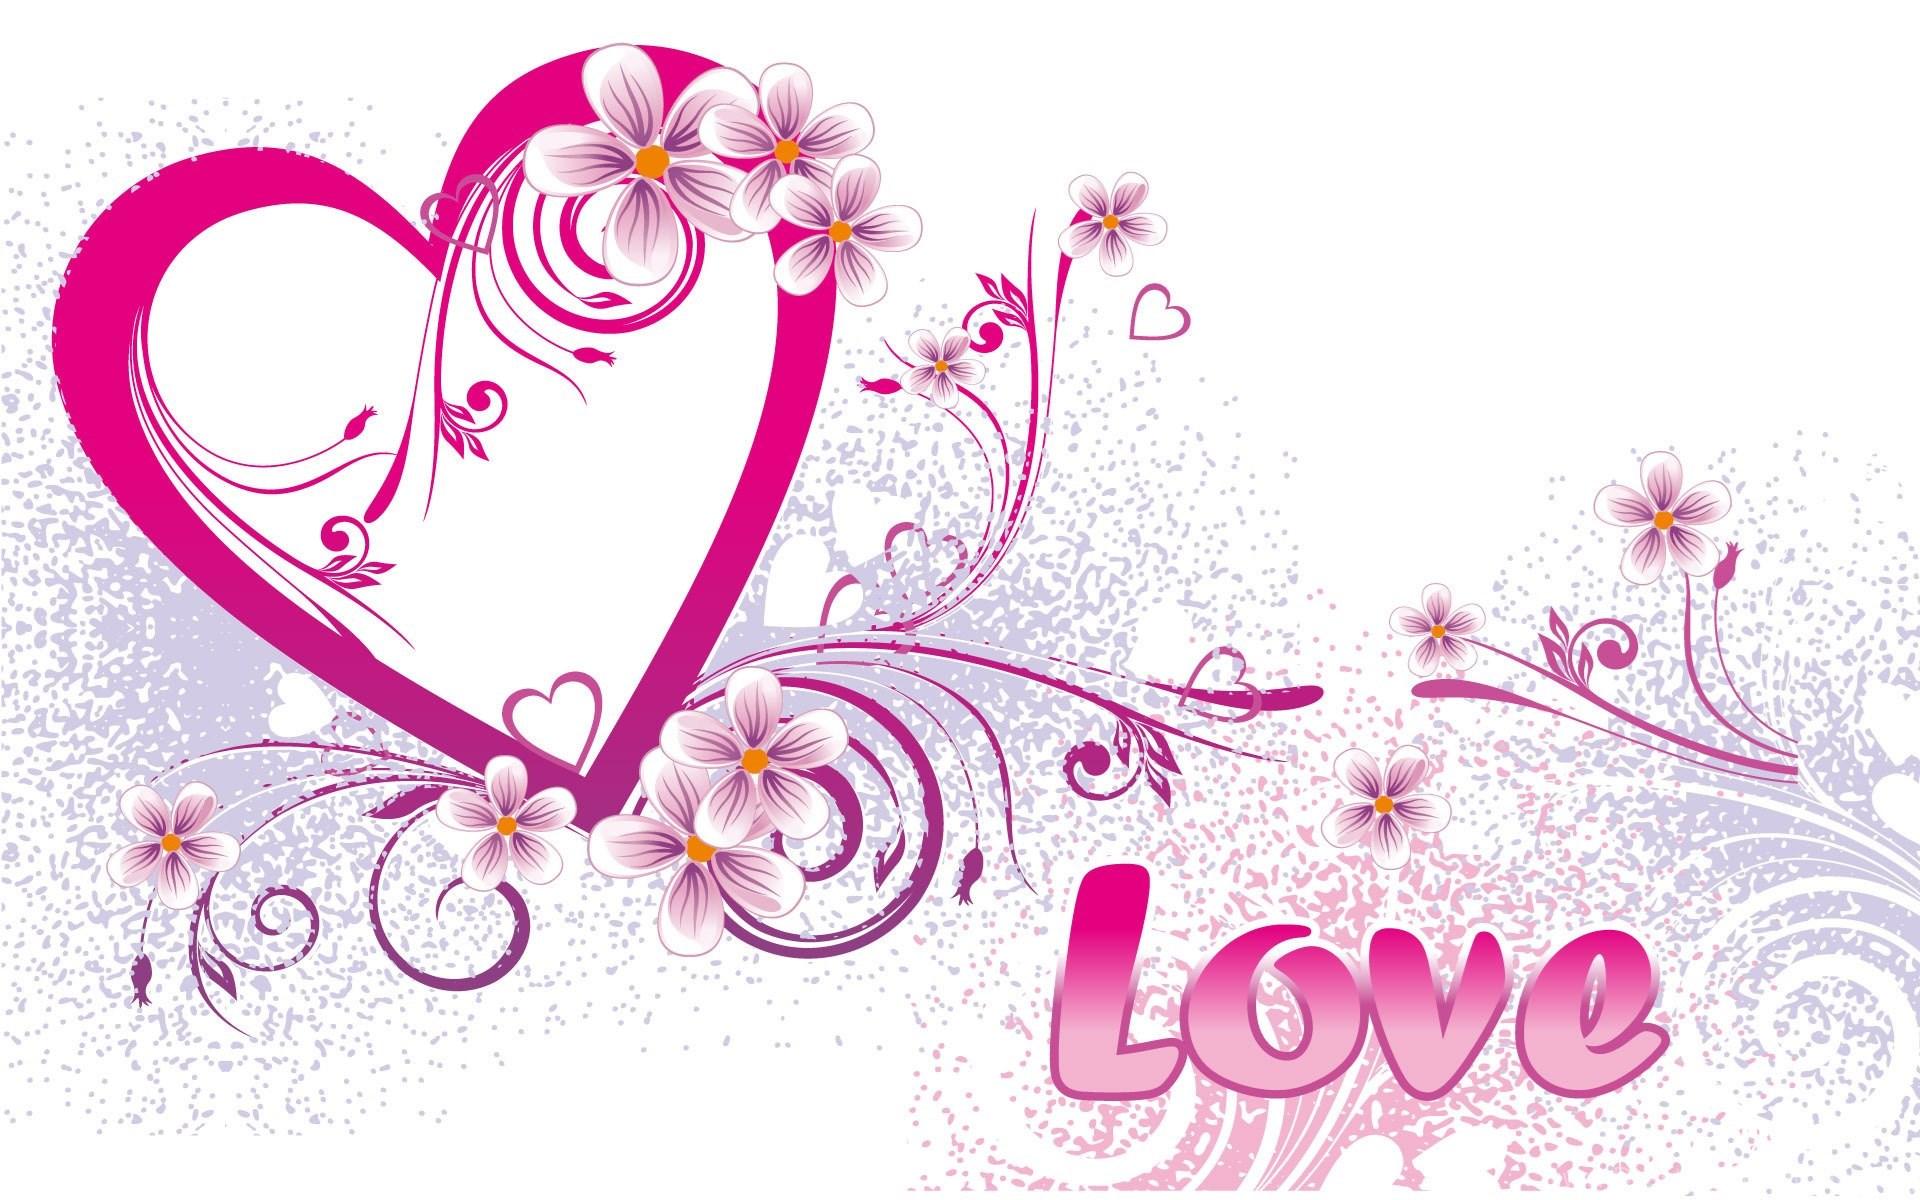 Sweet cute love wallpapers desktop background widescreen altavistaventures Image collections